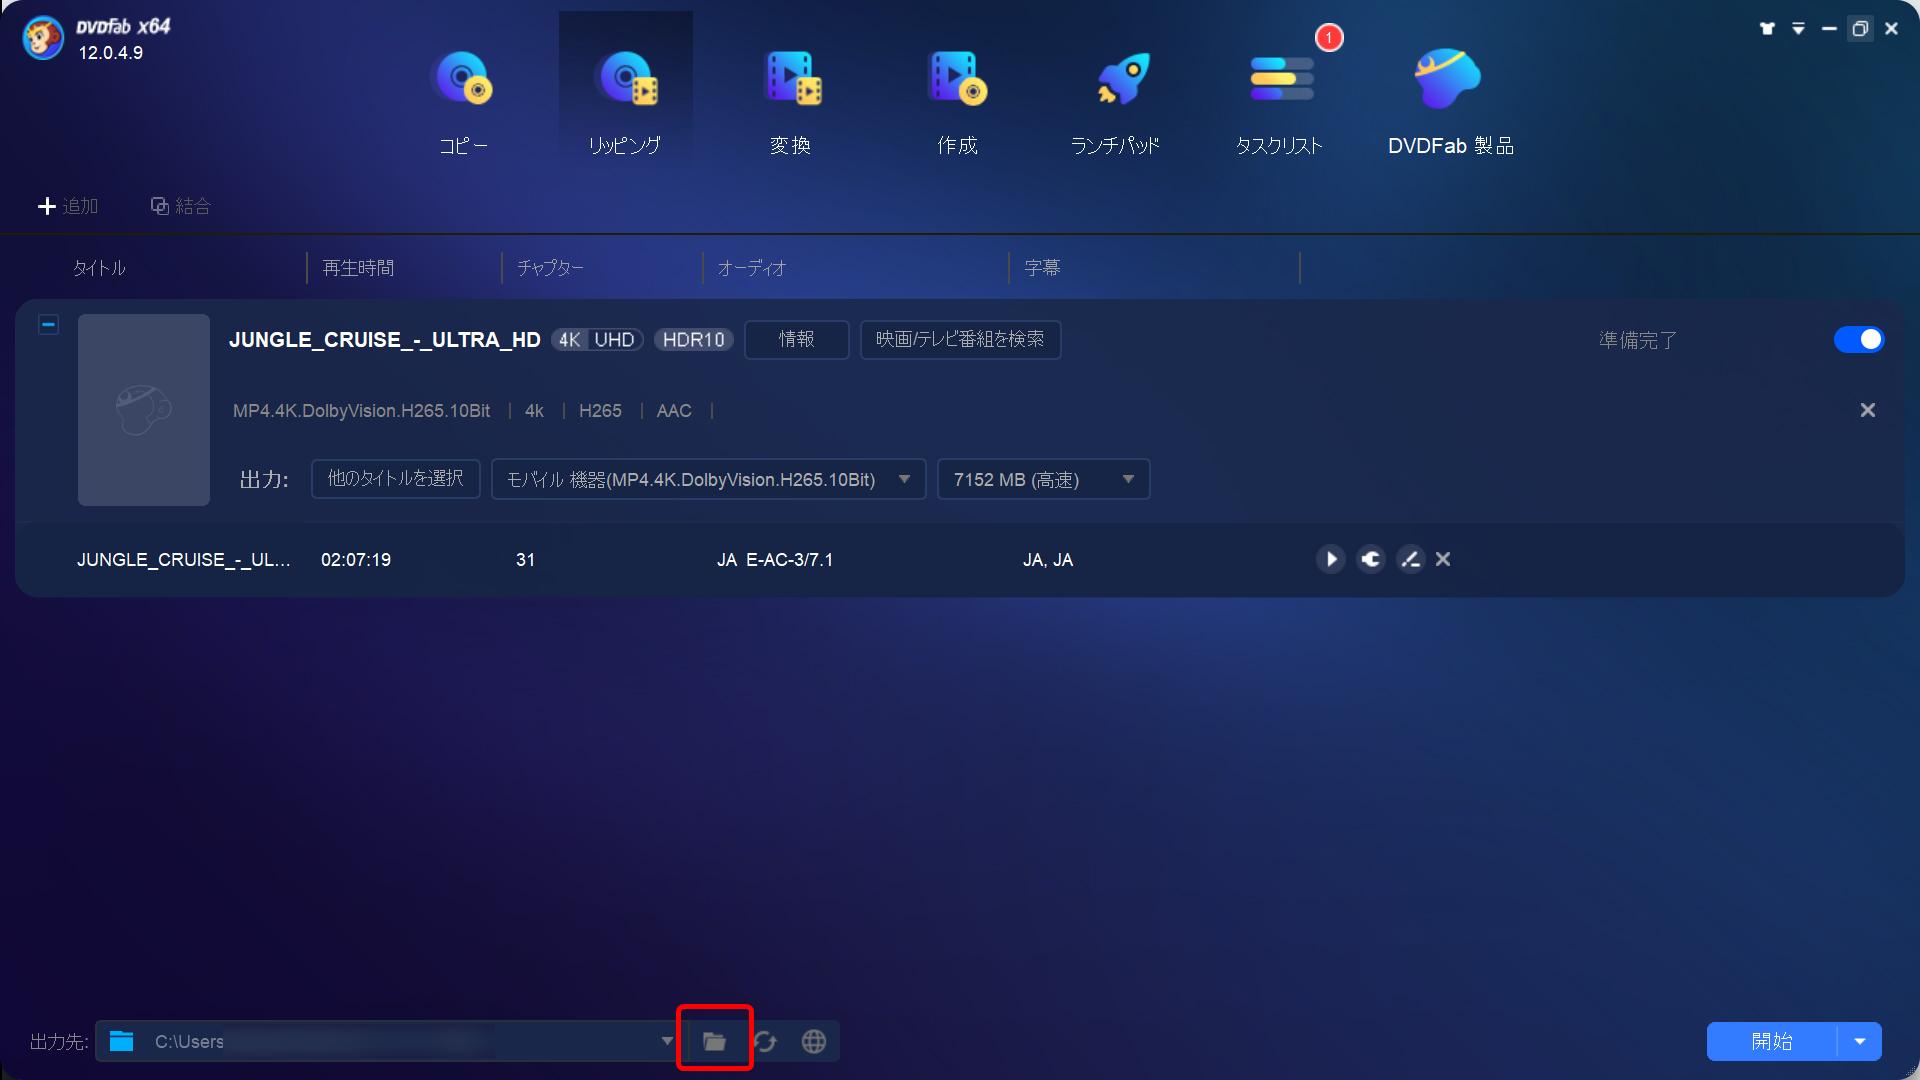 DVDFab12 4K UHDブルーレイのコピー方法 無料でコピーガード解除して4K UHDブルーレイをパソコンに永久保存する方法 ISOファイルをiPhoneに適した形式に変換する:操作画面上部の「リッピング」という項目を選択して4K UHD Blu-rayディスクの情報を表示させたら、操作画面下部にあるフォルダアイコンをクリックしてリッピングする動画ファイルの保存先を指定しましょう。